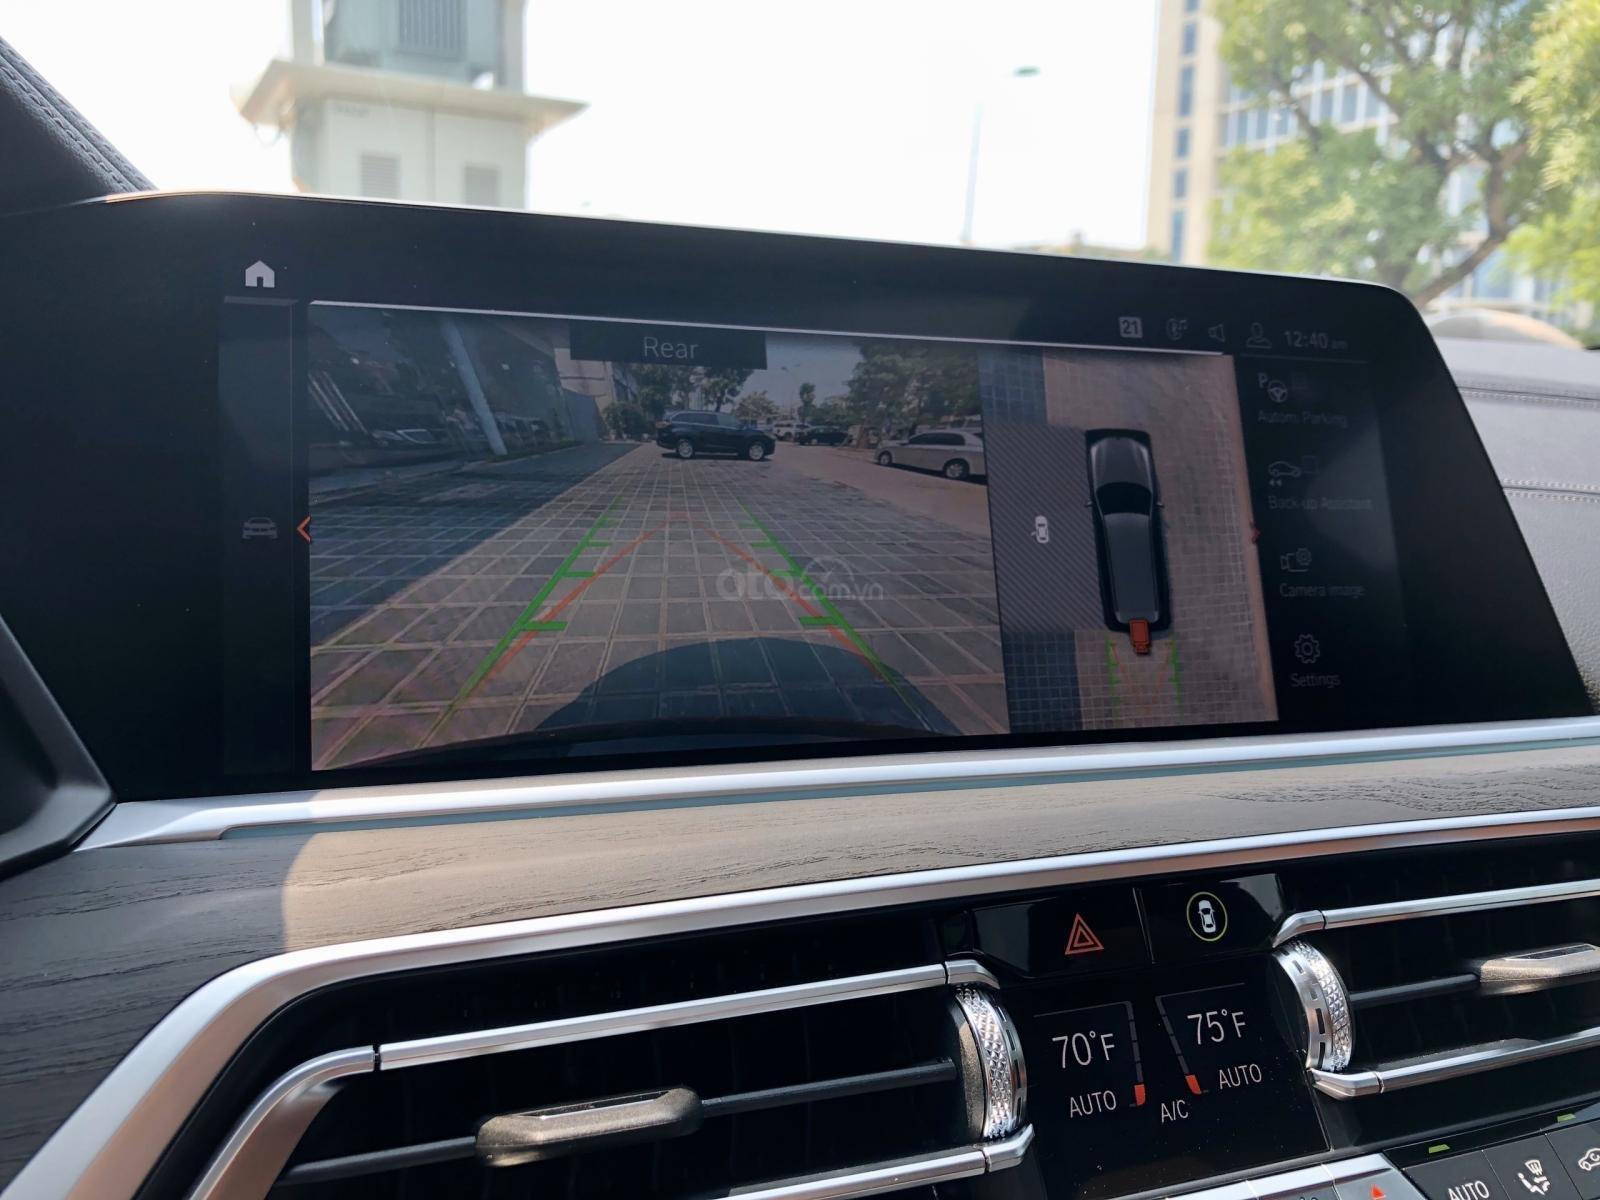 Bán BMW X7 xDrive 40i 2019 Hồ Chí Minh, giá tốt giao xe ngay toàn quốc, LH trực tiếp 0844.177.222 (13)